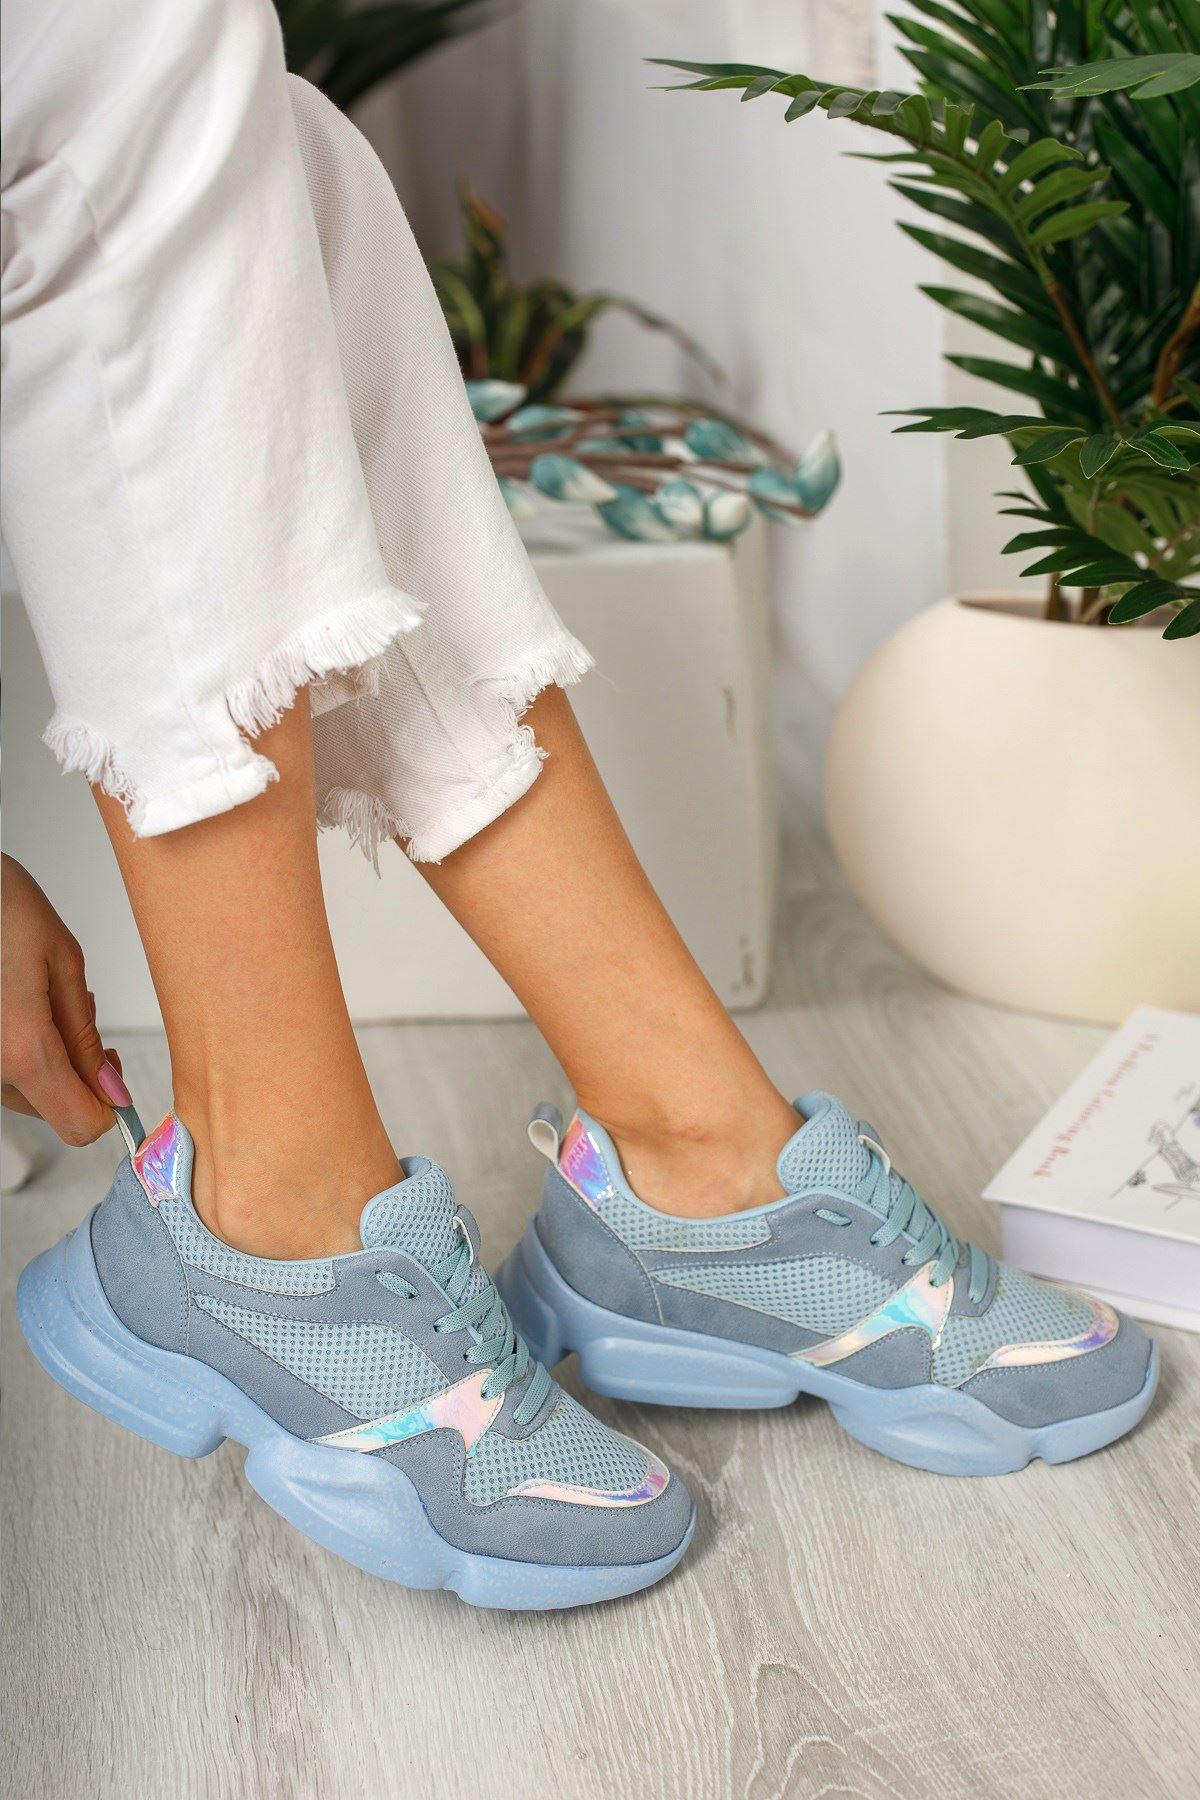 Bebe Mavi Hologram Detaylı Günlük Spor Ayakkabı